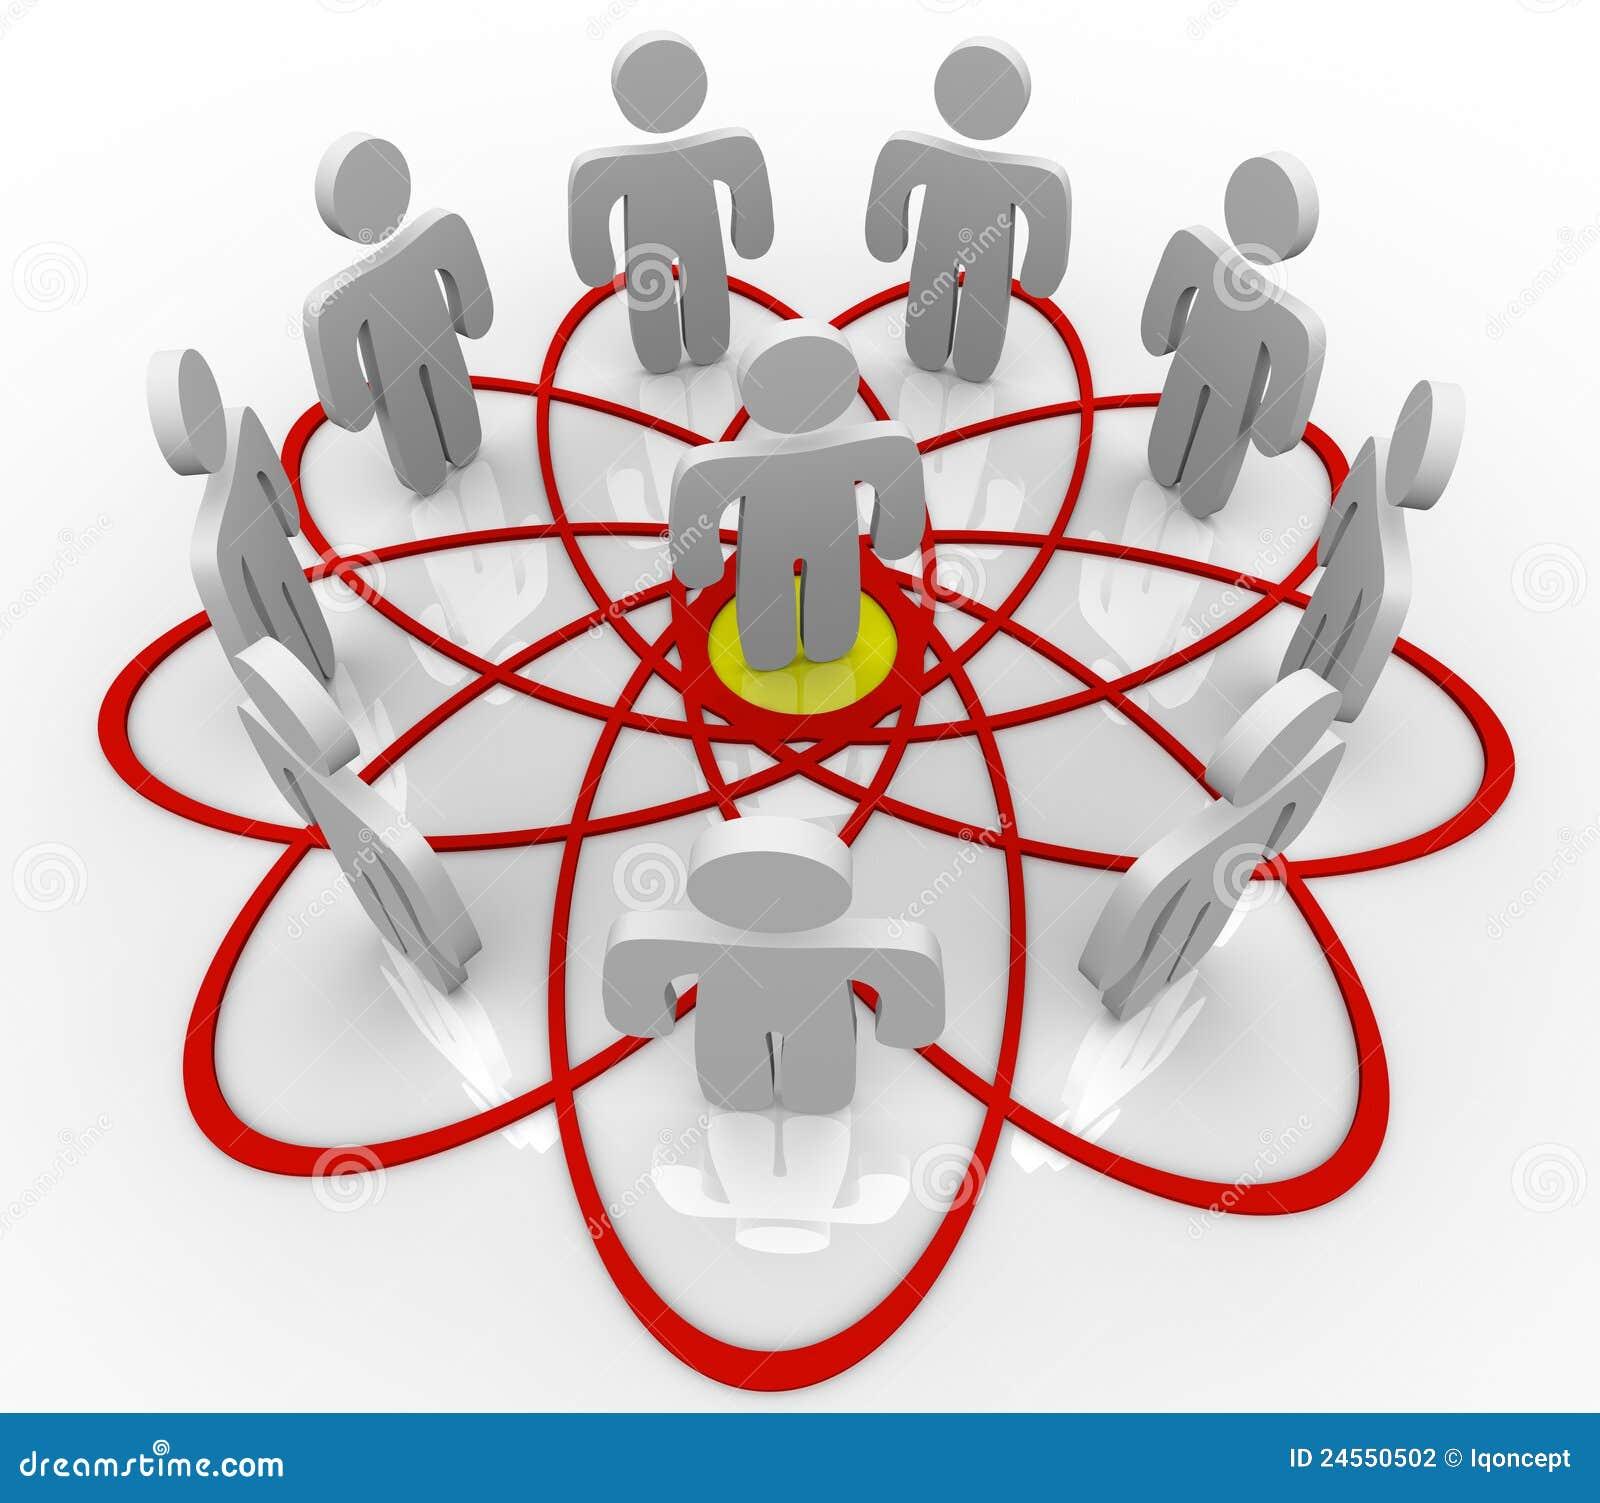 Schema di Venn molta gente una persona nel centro